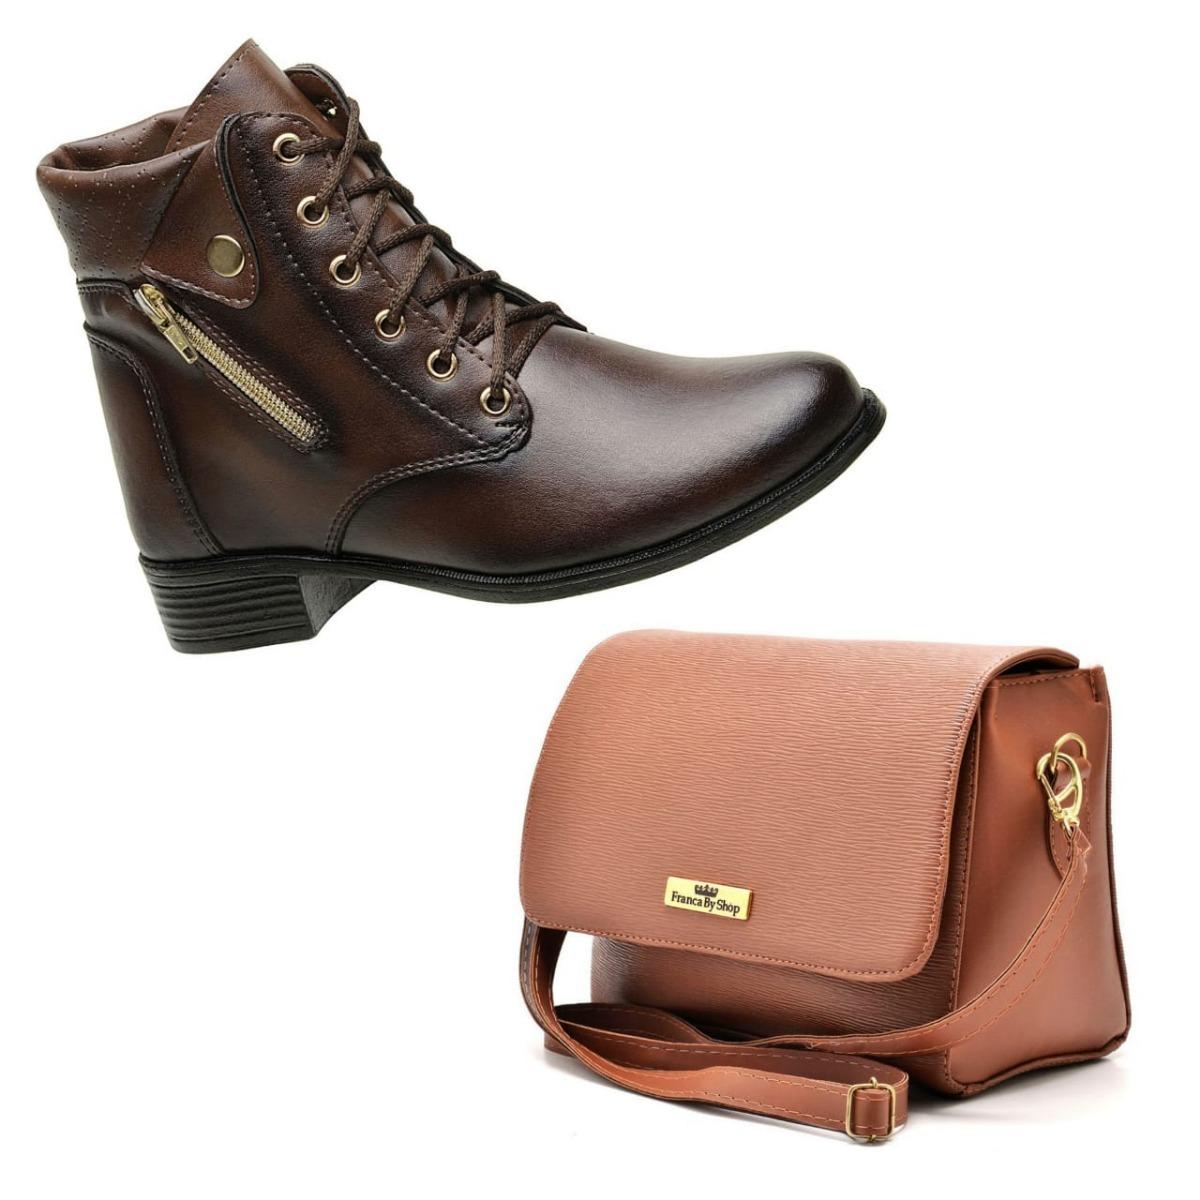 336f75d86 coturno bota feminino cano curto + bolsa bau + frete gratis. Carregando zoom .